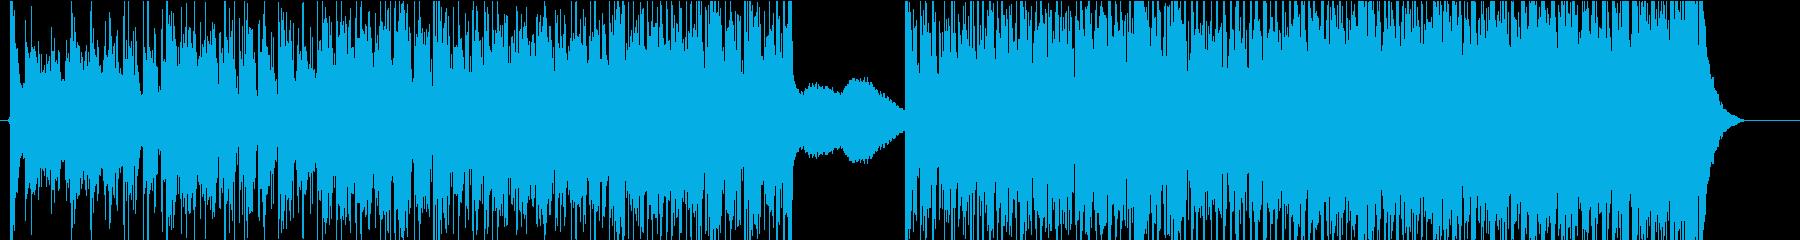 ワールド 民族 ワイルド エキゾチ...の再生済みの波形